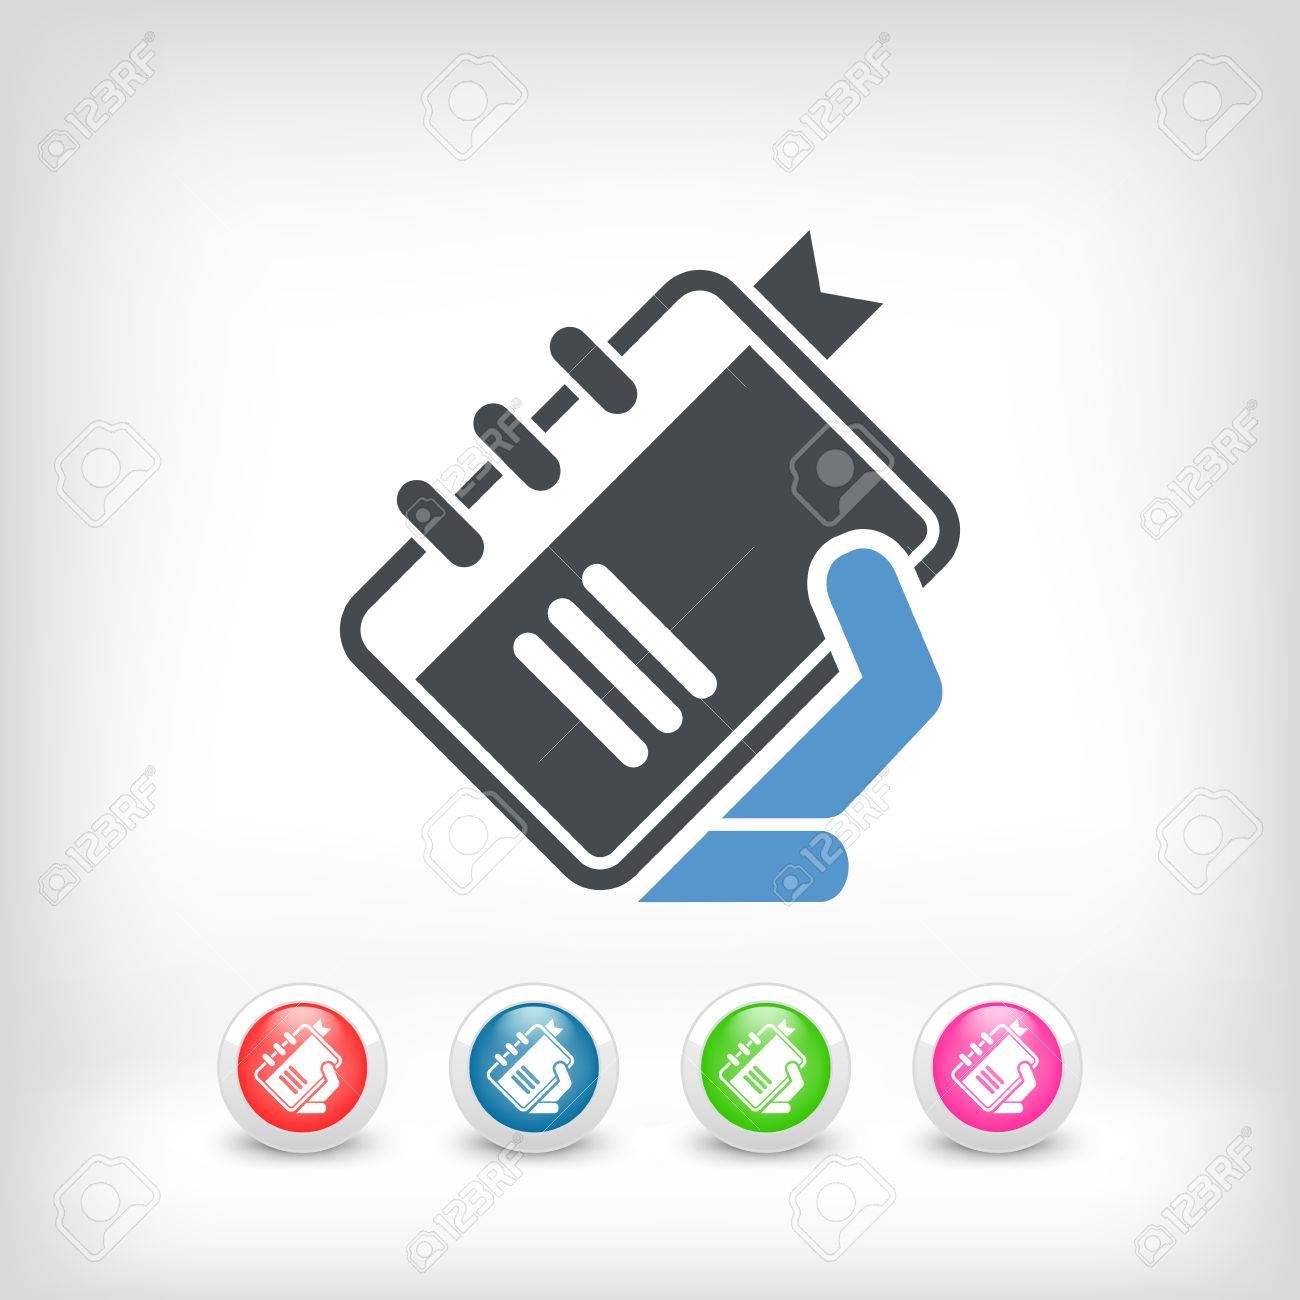 Book icon Stock Vector - 23428877